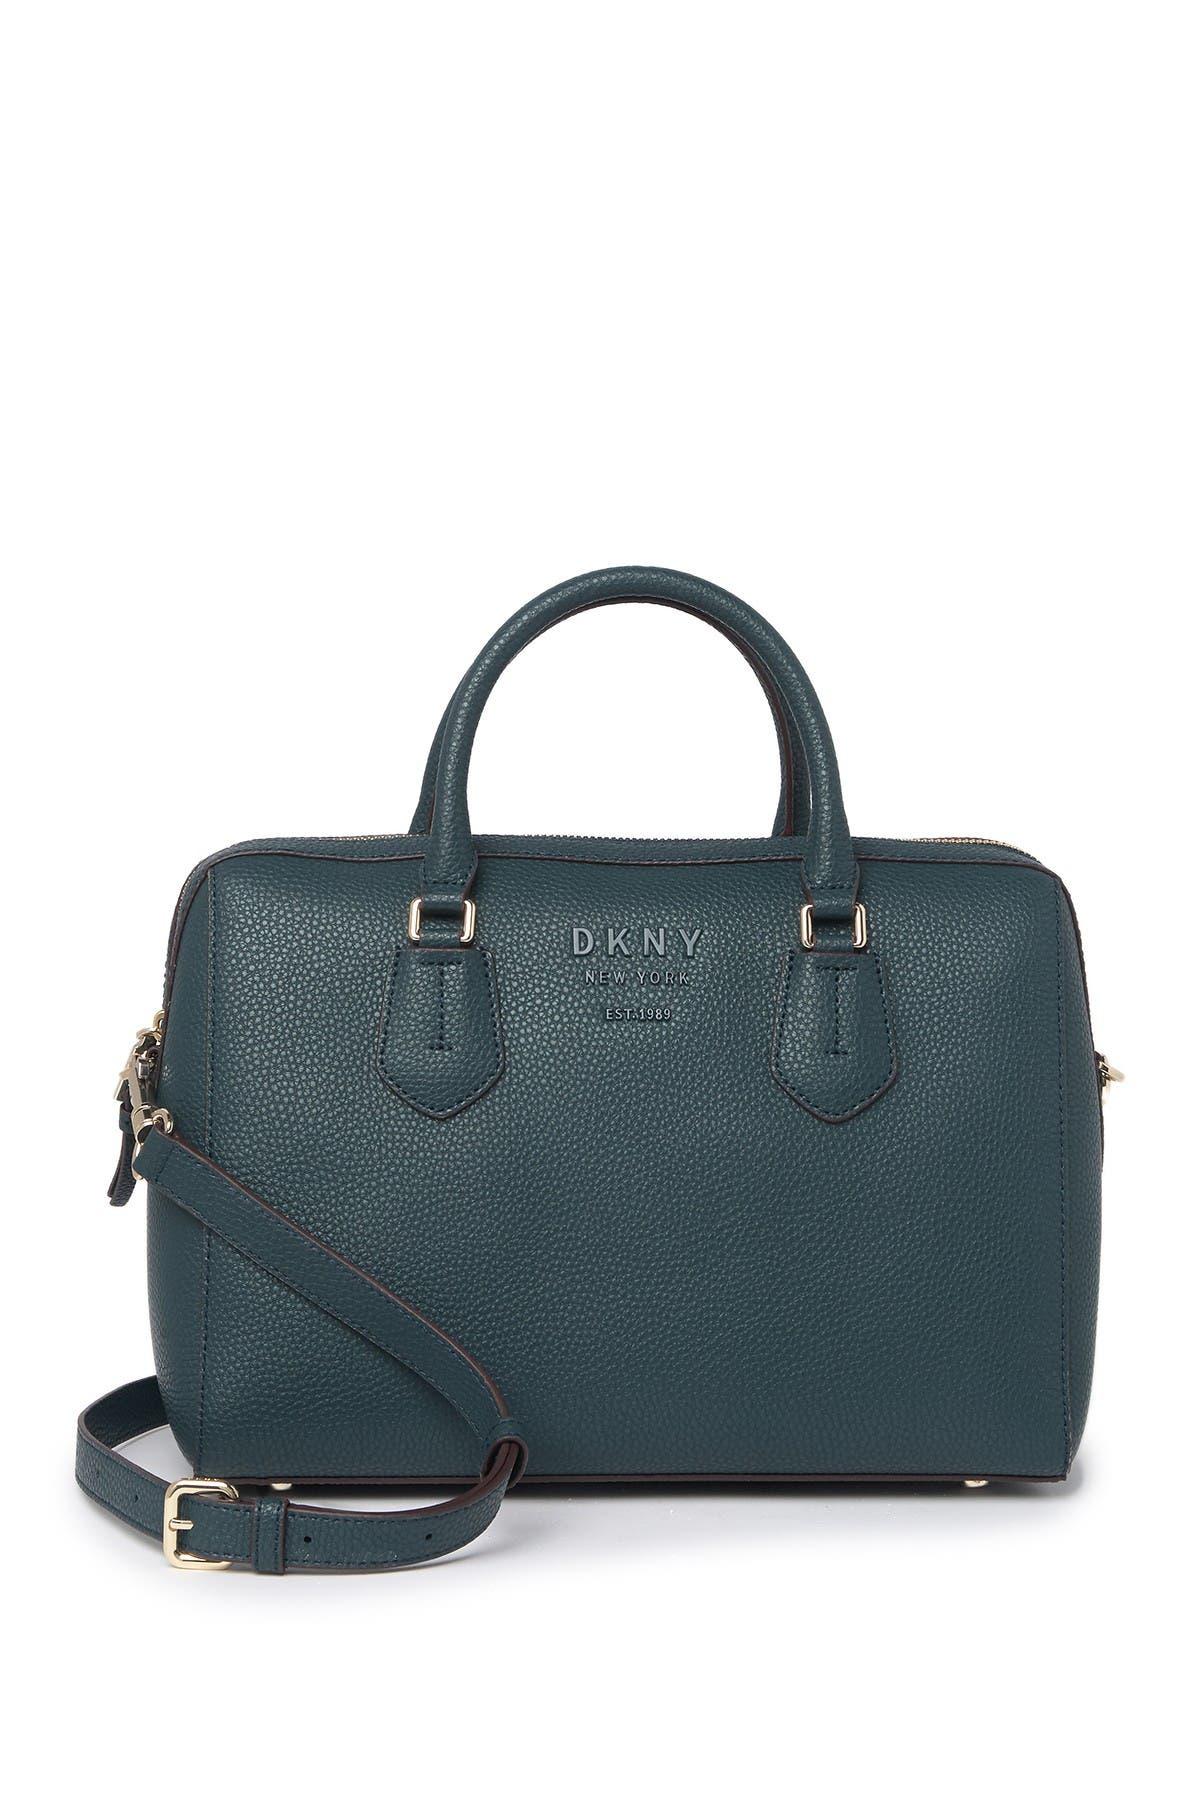 Image of DKNY Noho Pebbled Leather Satchel